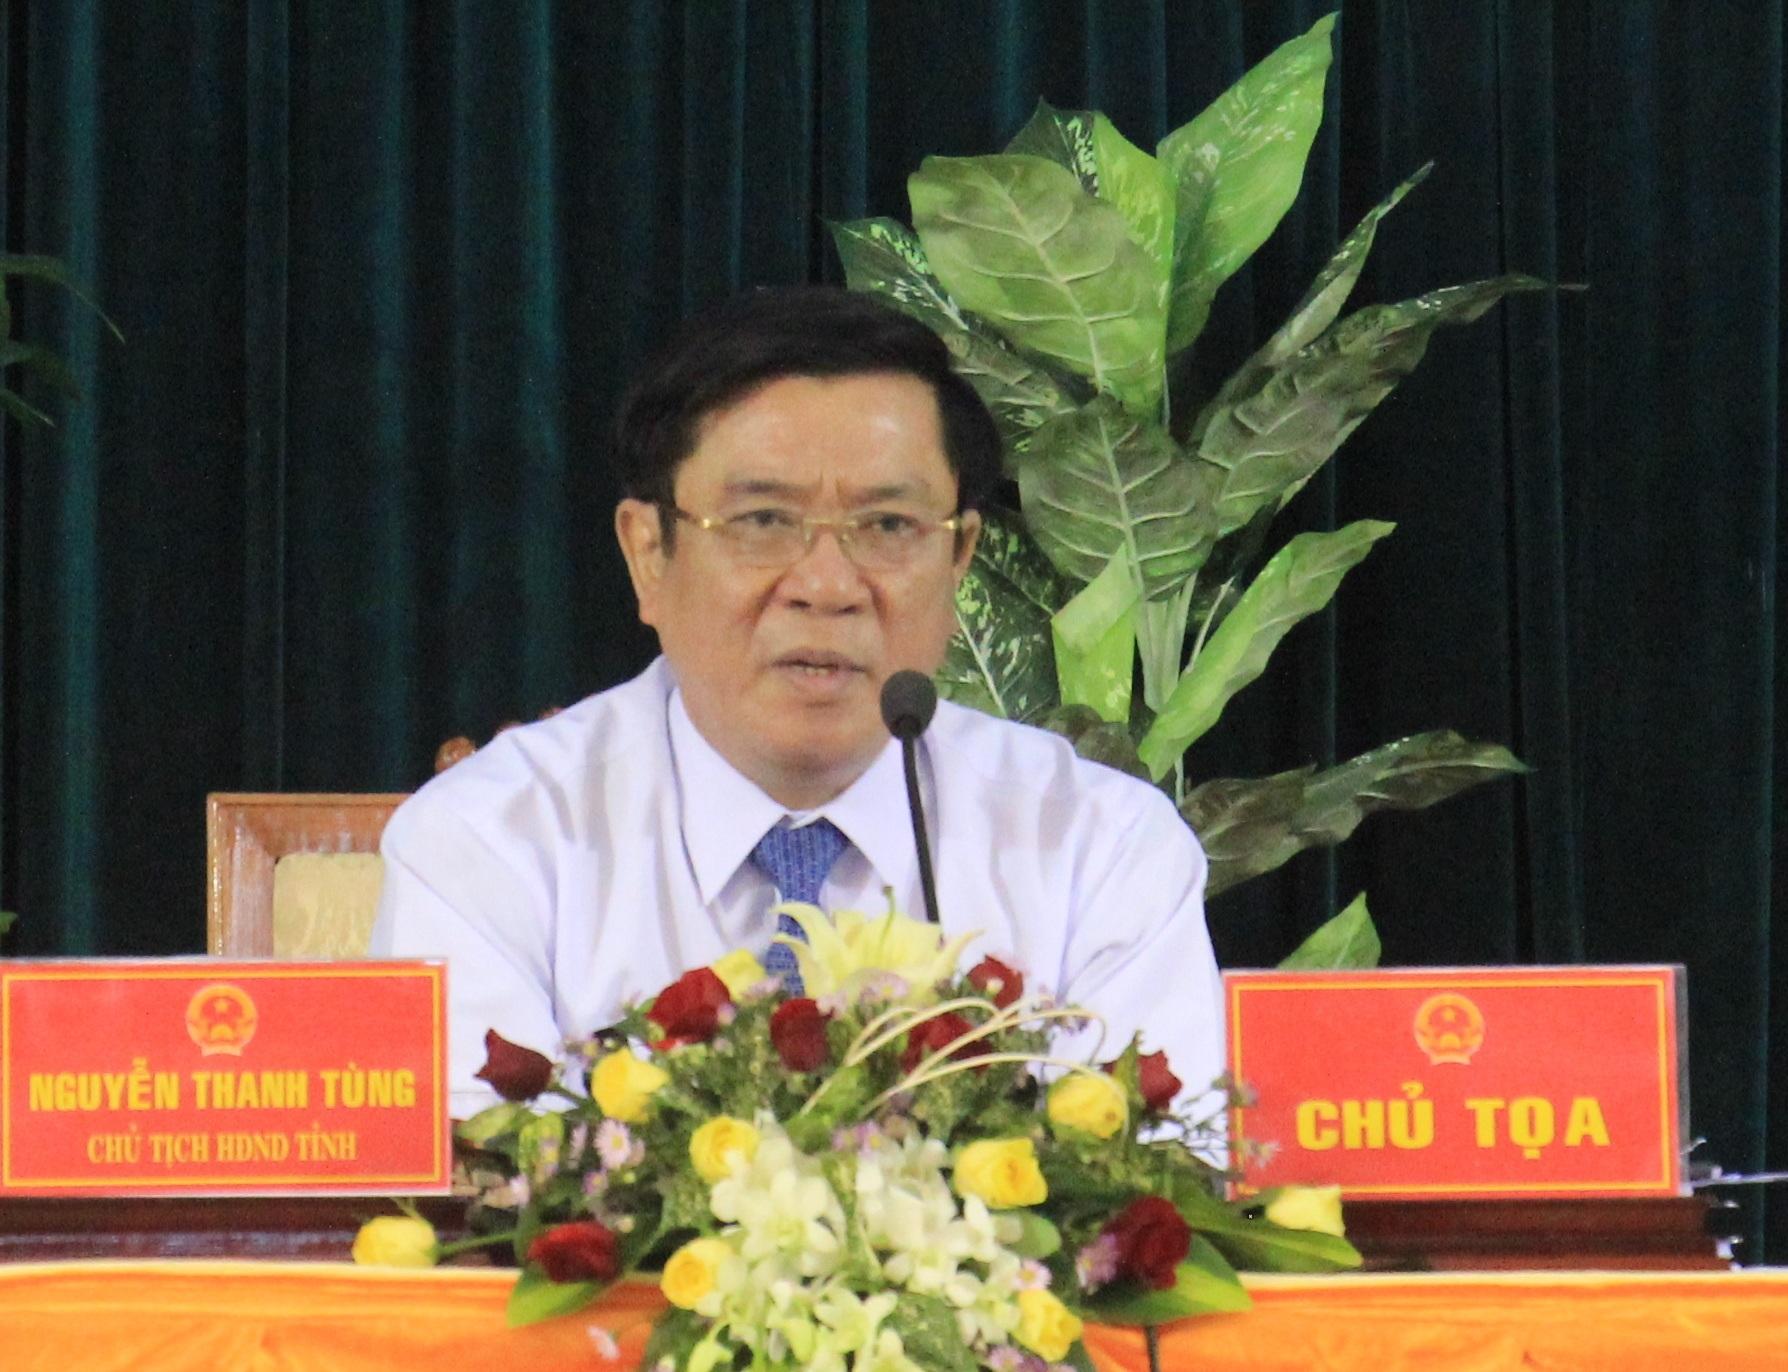 Bí thư Tỉnh ủy Bình Định Nguyễn Thanh Tùng thông báo đã chấm dứt siêu dự án lọc hóa dậu 20 tỷ USD tại Khu kinh tế Nhơn Hội